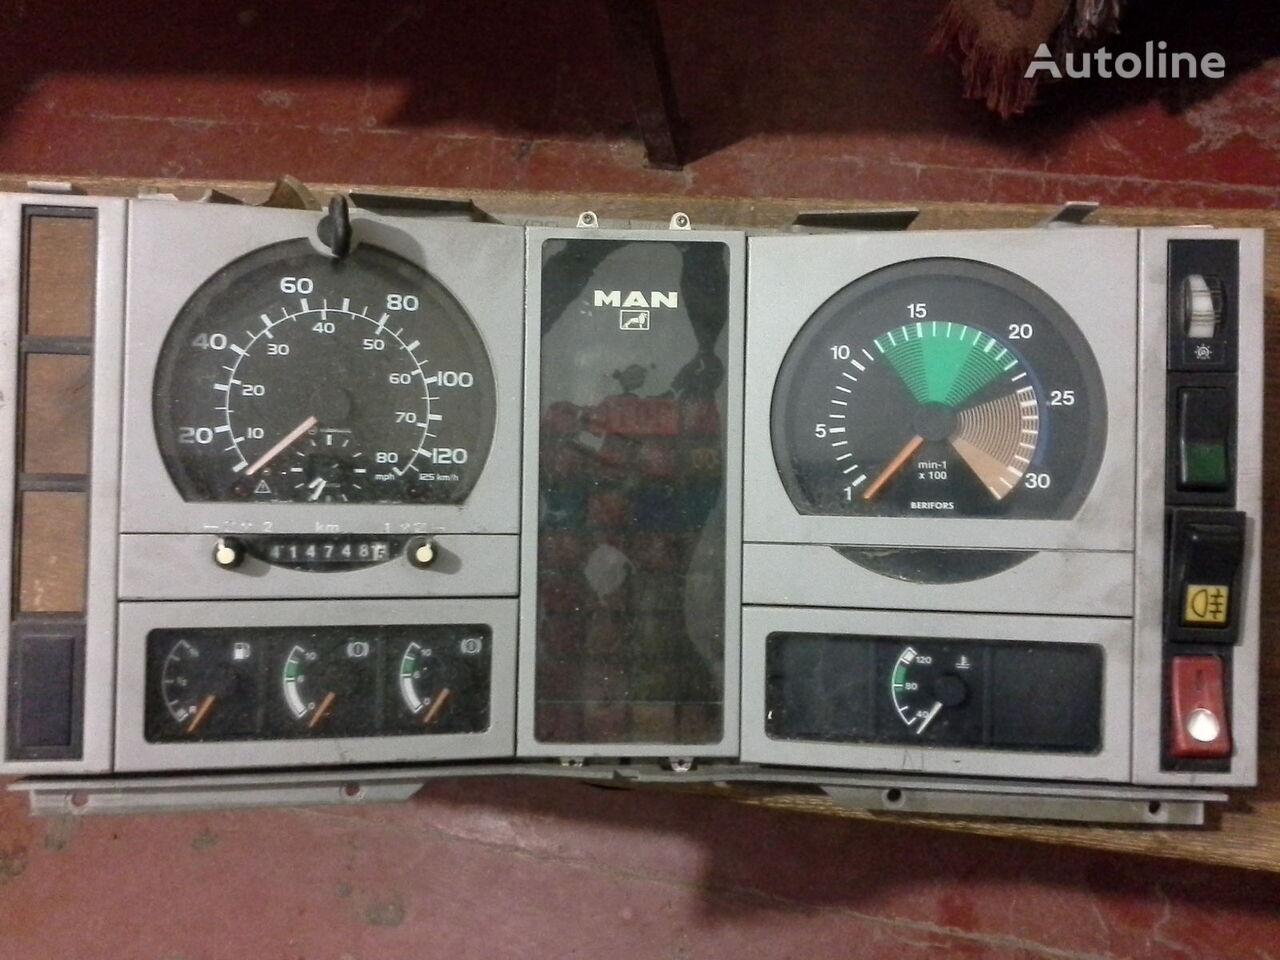 φορτηγό MAN  L2000 Po zapchastyam για ταχογράφος  Spidometr  Tahometr originalni zapchasti kabini